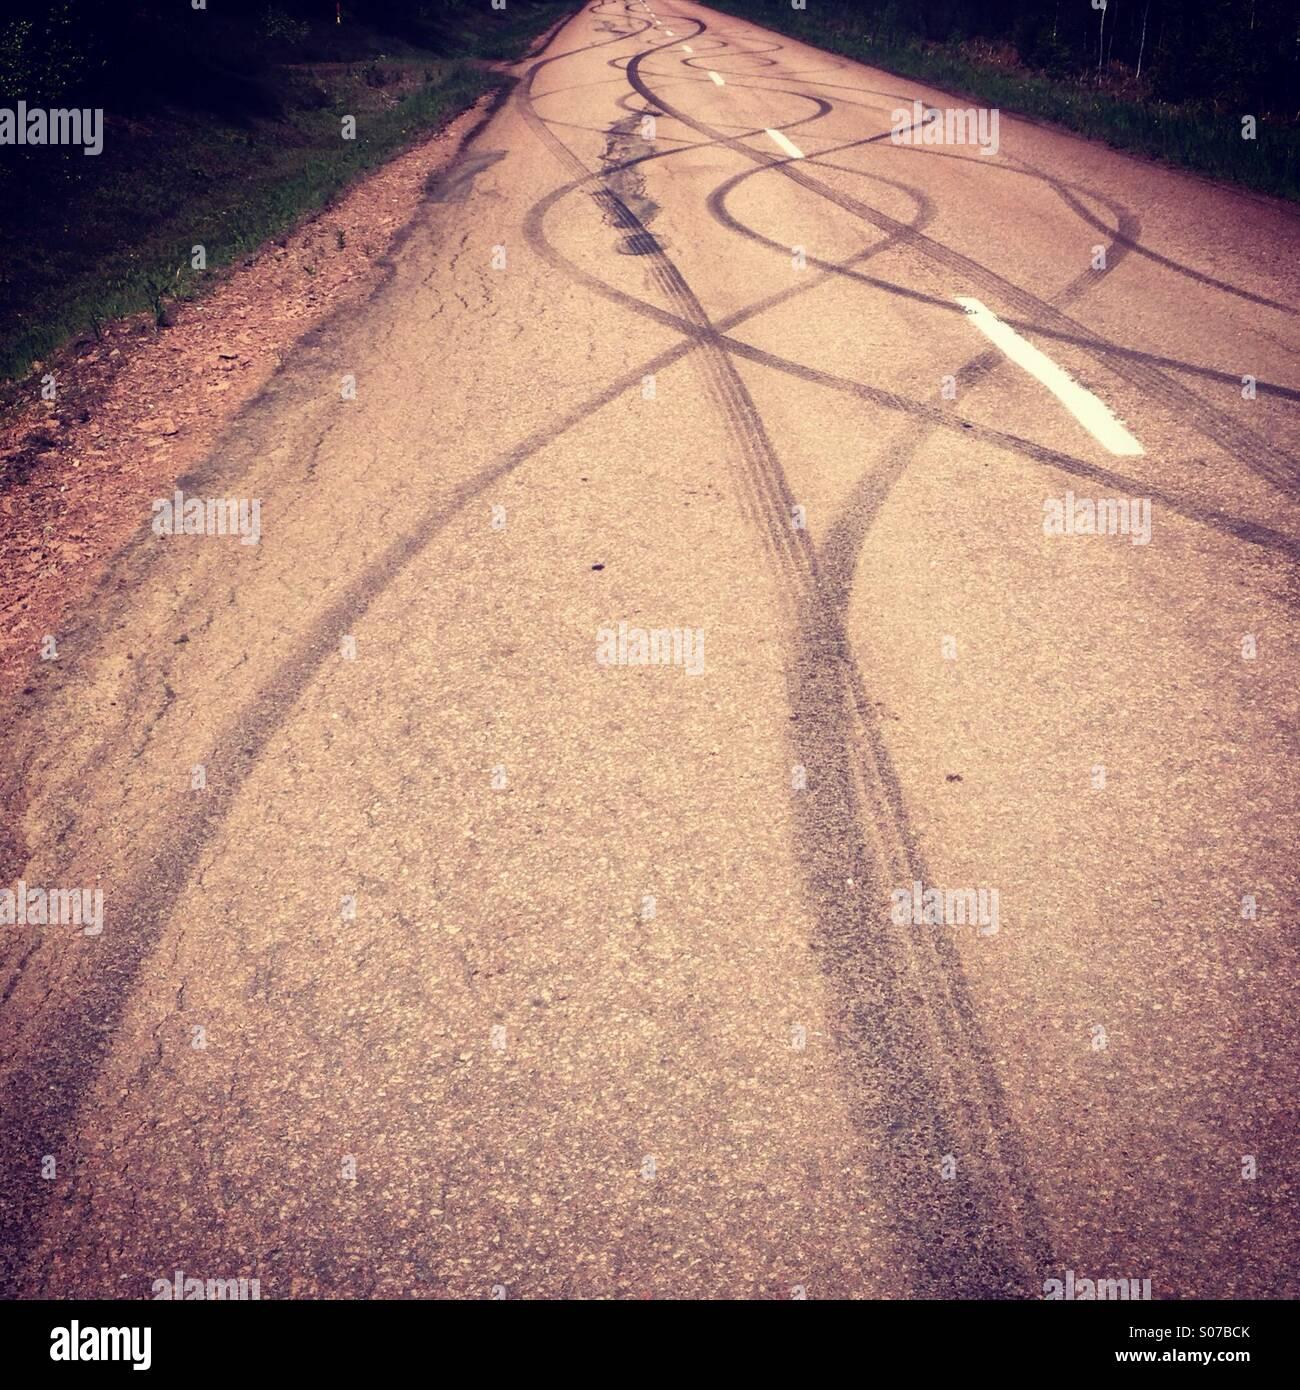 Marques de dérapage des pneus à motifs et le burn-off sur une route rouge nordique traditionnel Photo Stock